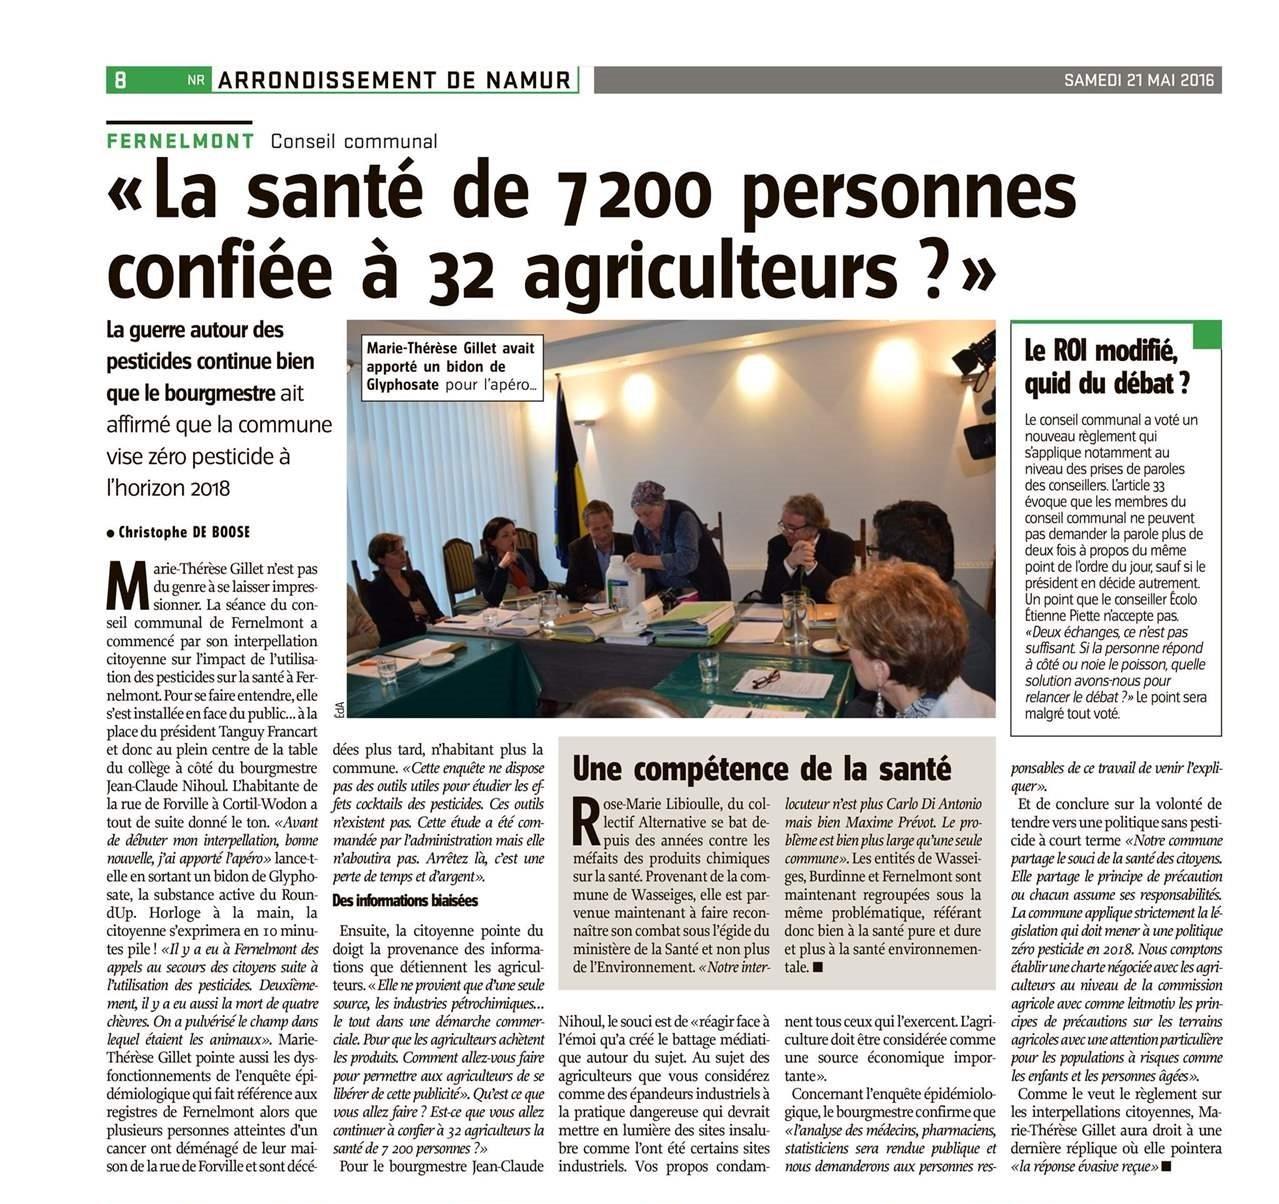 RP_20160521_Fernelmont_-_La_sante_de_7200_personnes_confiee_a_32_agriculteurs-1.jpg